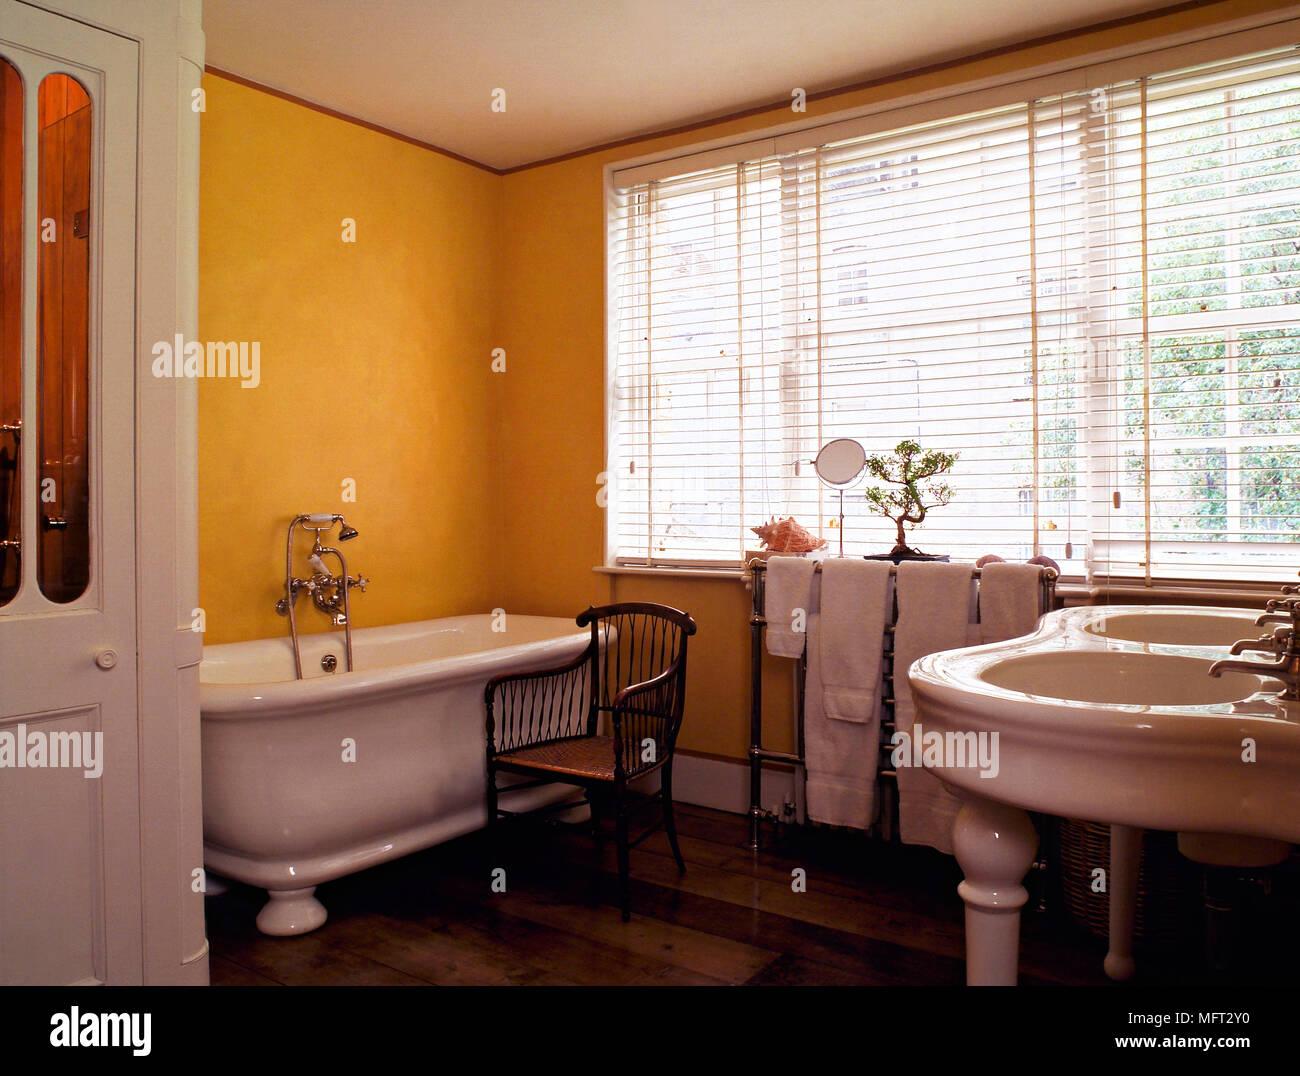 Traditionelle gelb Badezimmer freistehende Badewanne ...